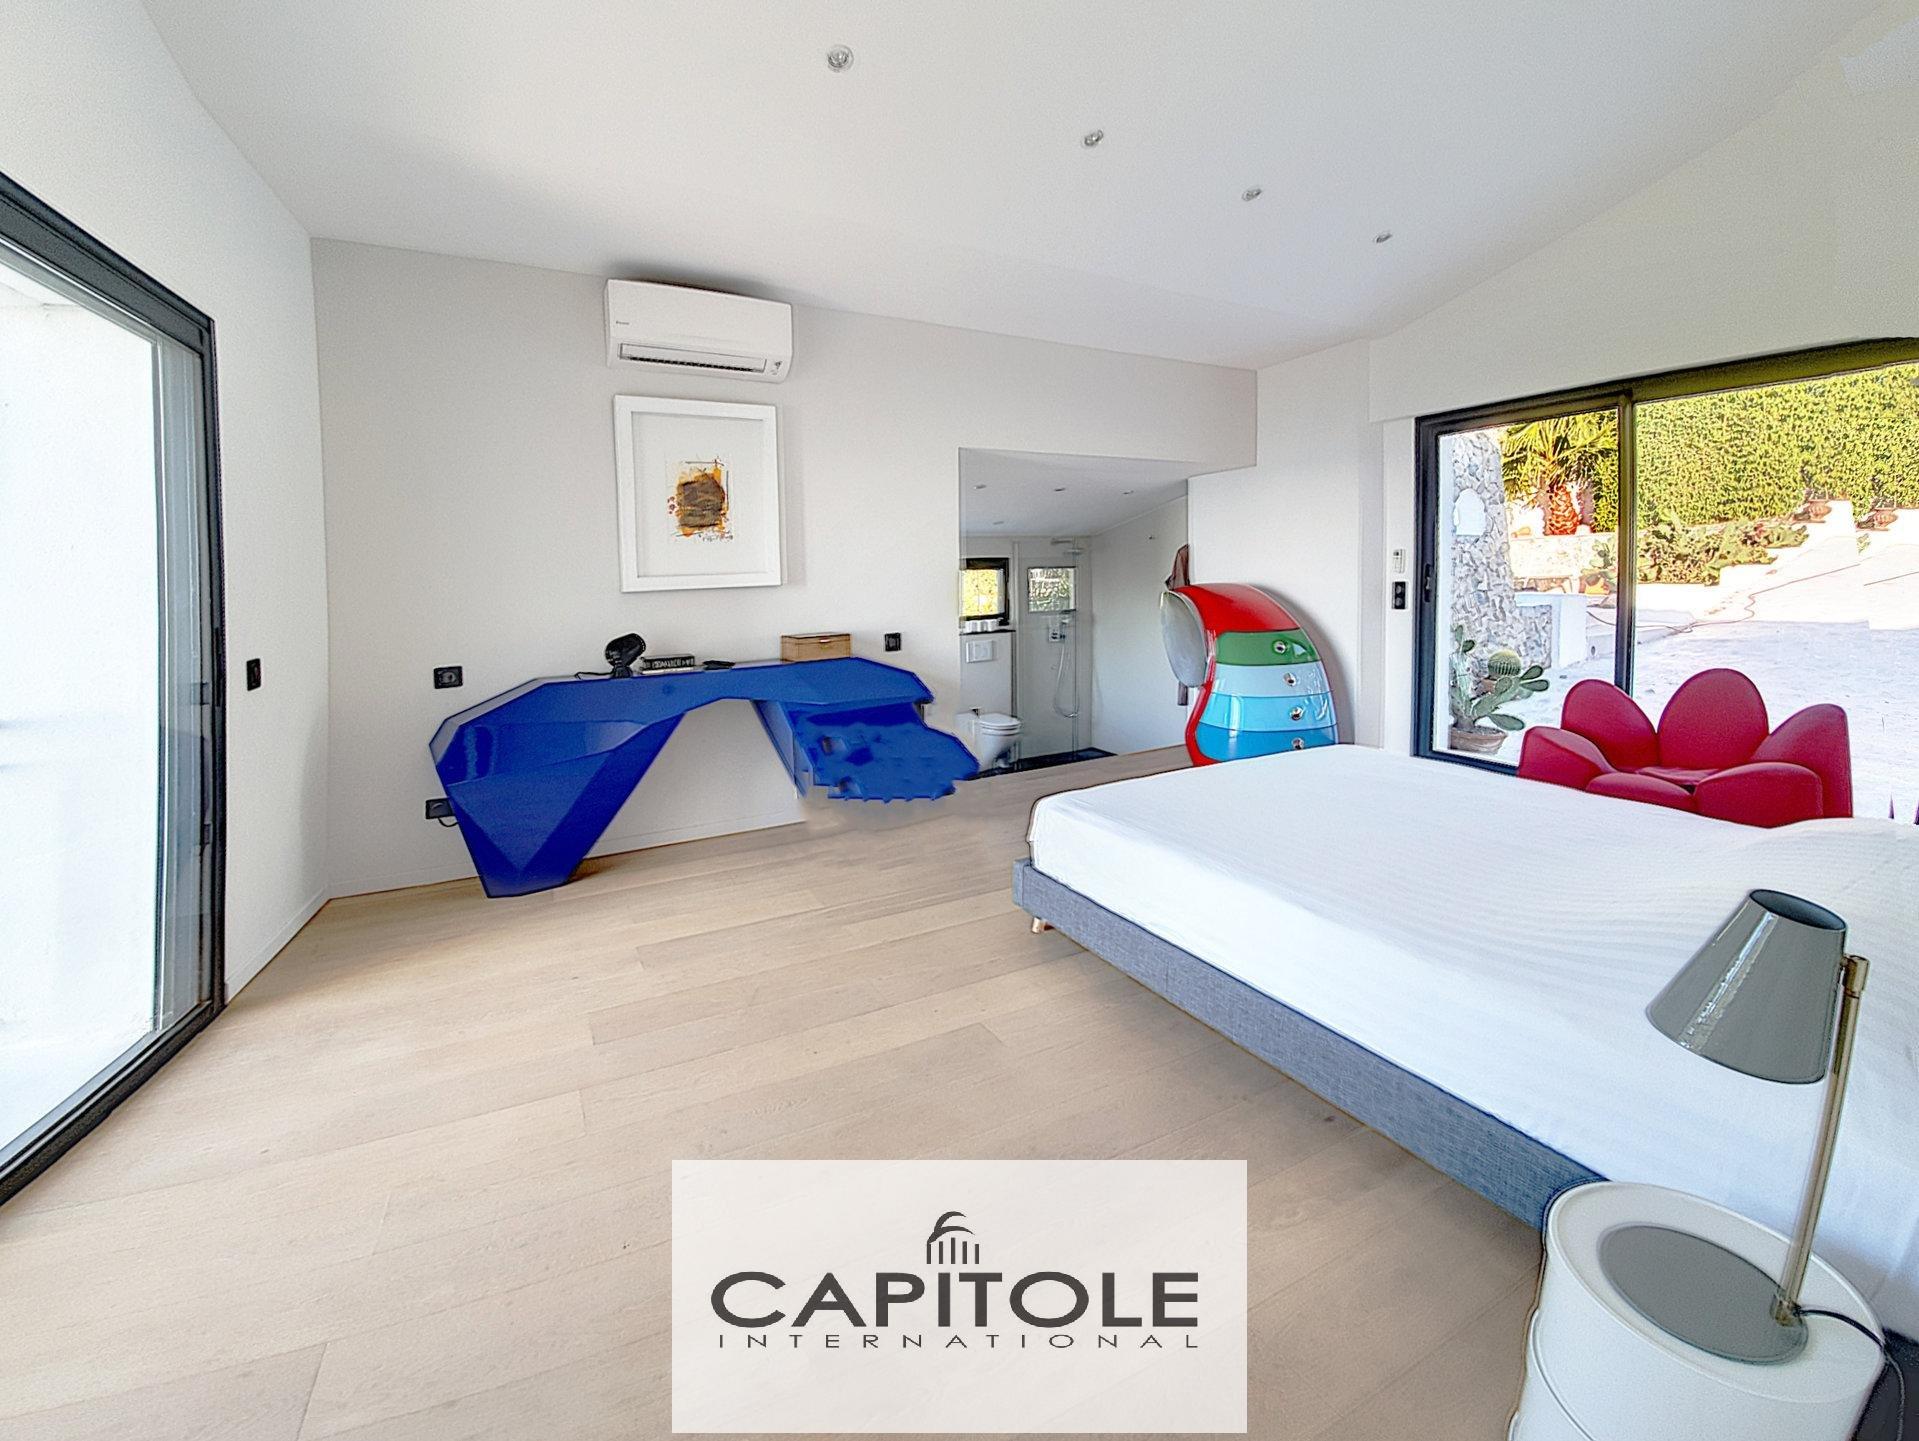 A vendre, Cannes Californie, maison avec piscine, vue panoramique mer, terrain 1600 m²